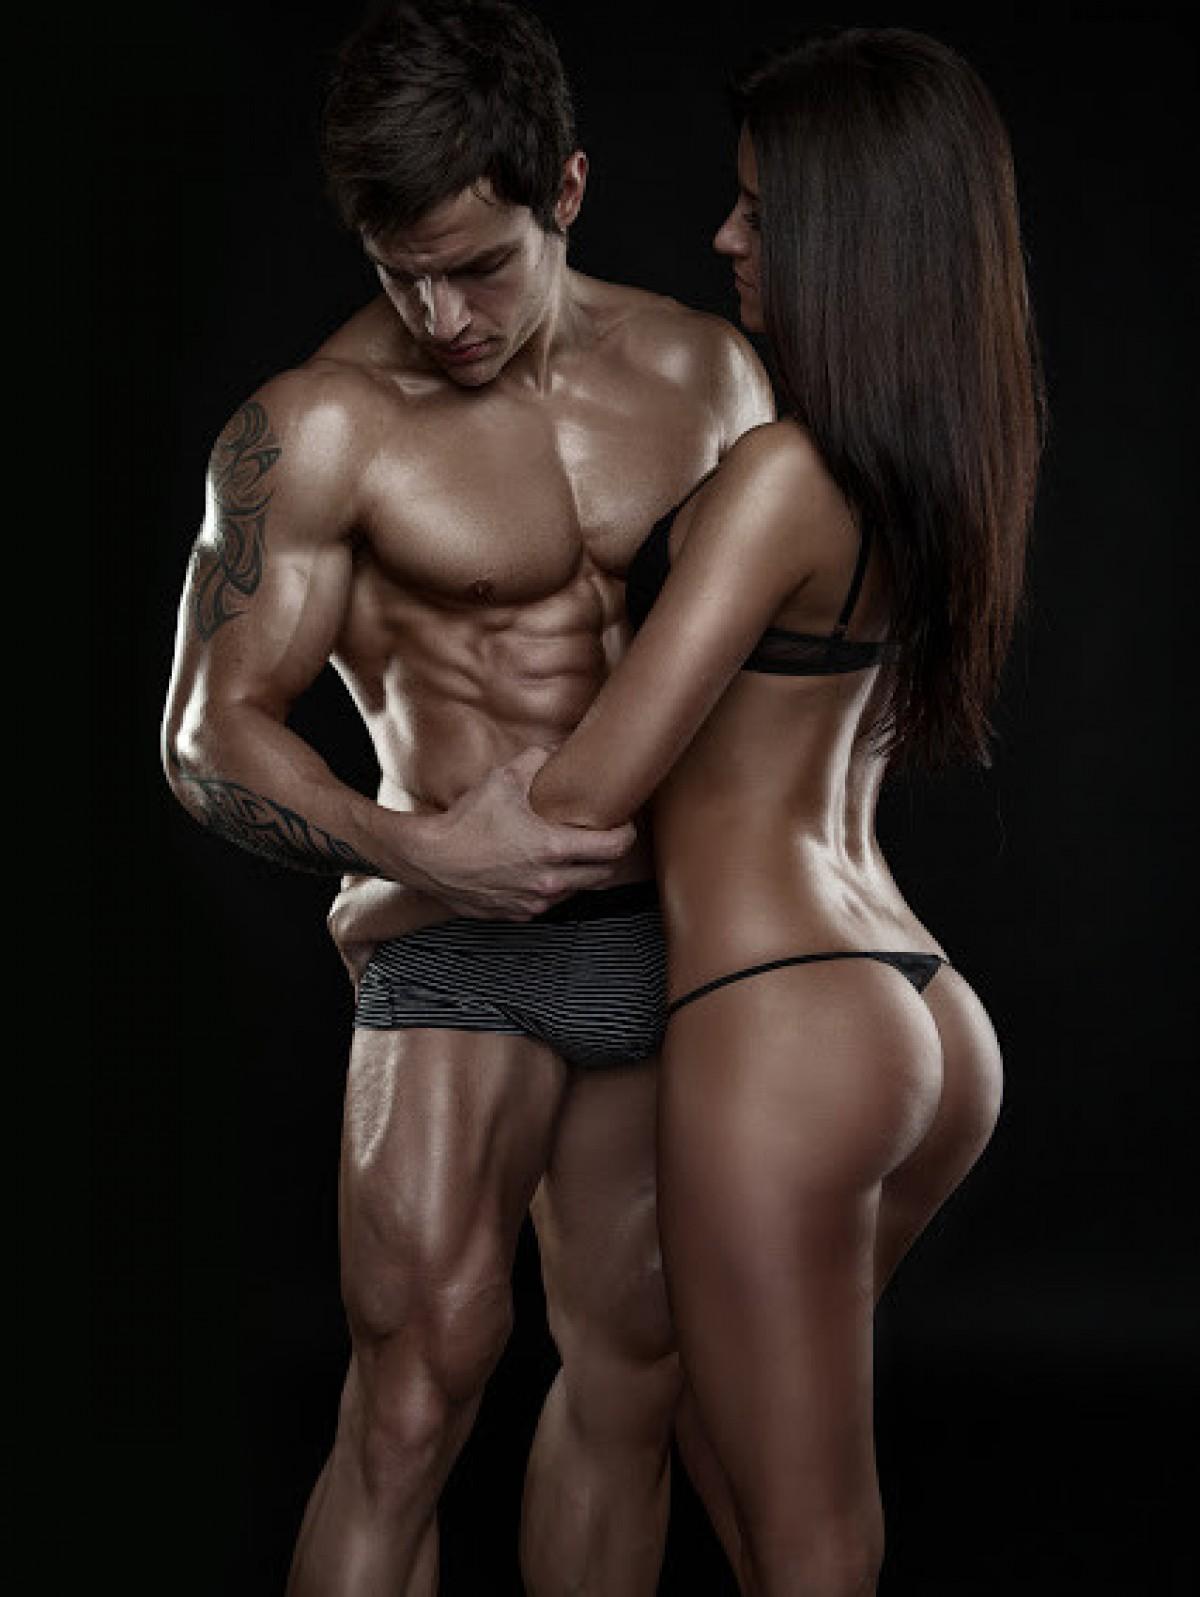 красивое тело мужчины и женщины фото - 11